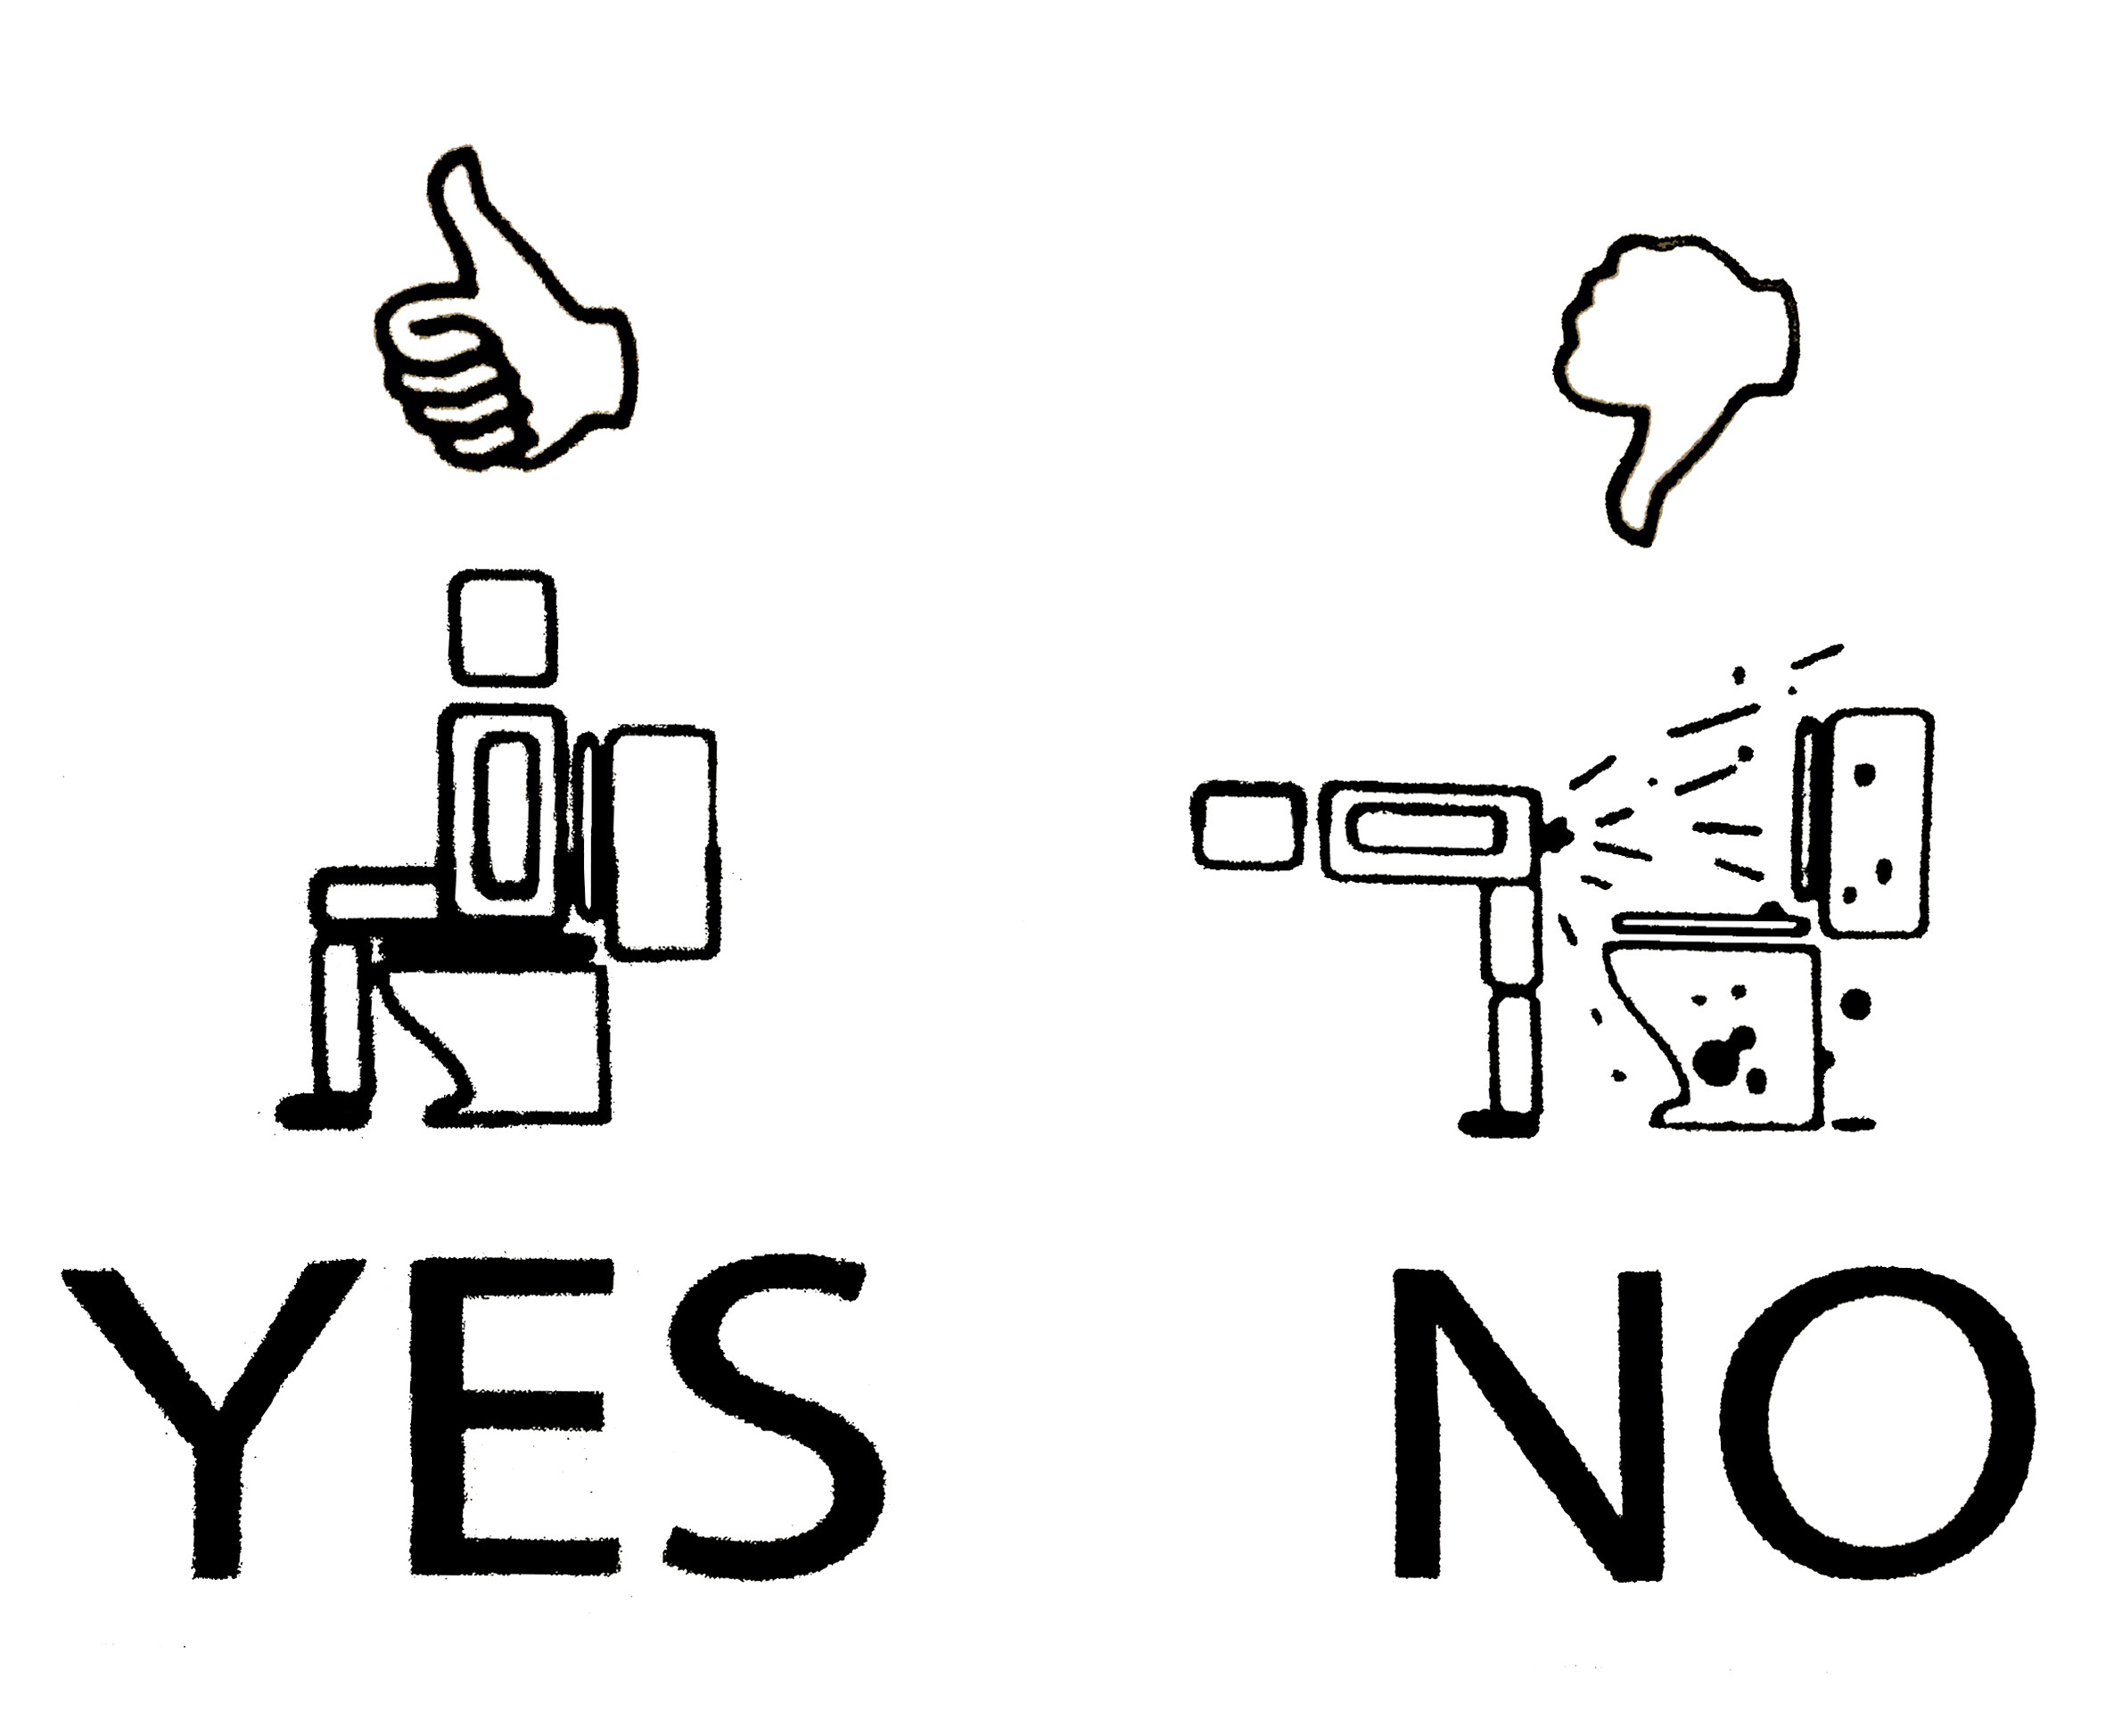 Printable Restroom Signs